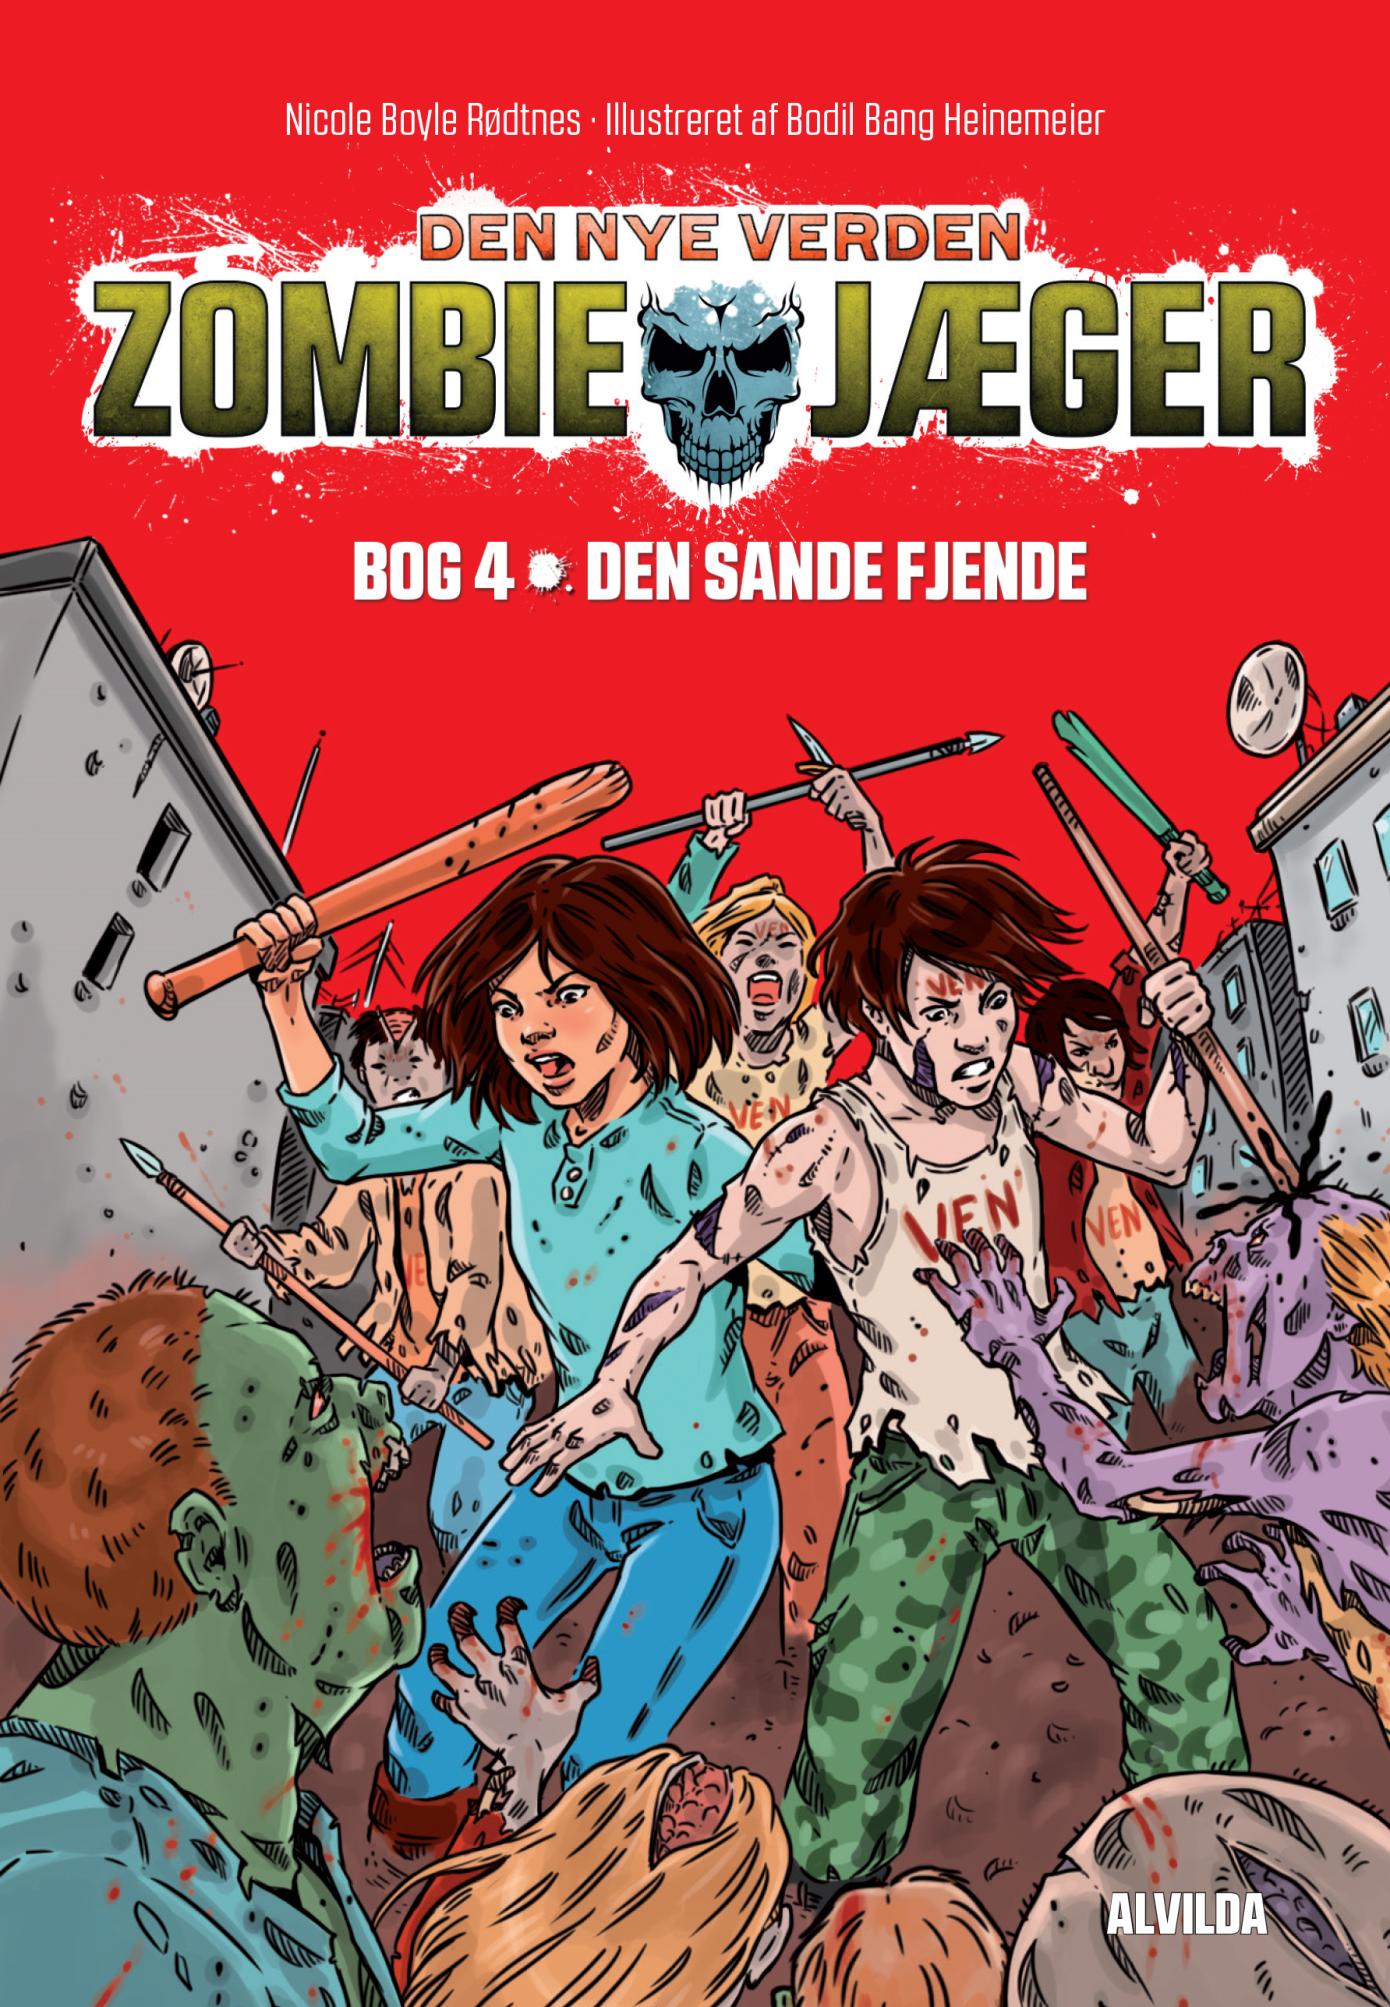 Zombie-jæger - Den nye verden #4: Den sande fjende - Maneno - 10894